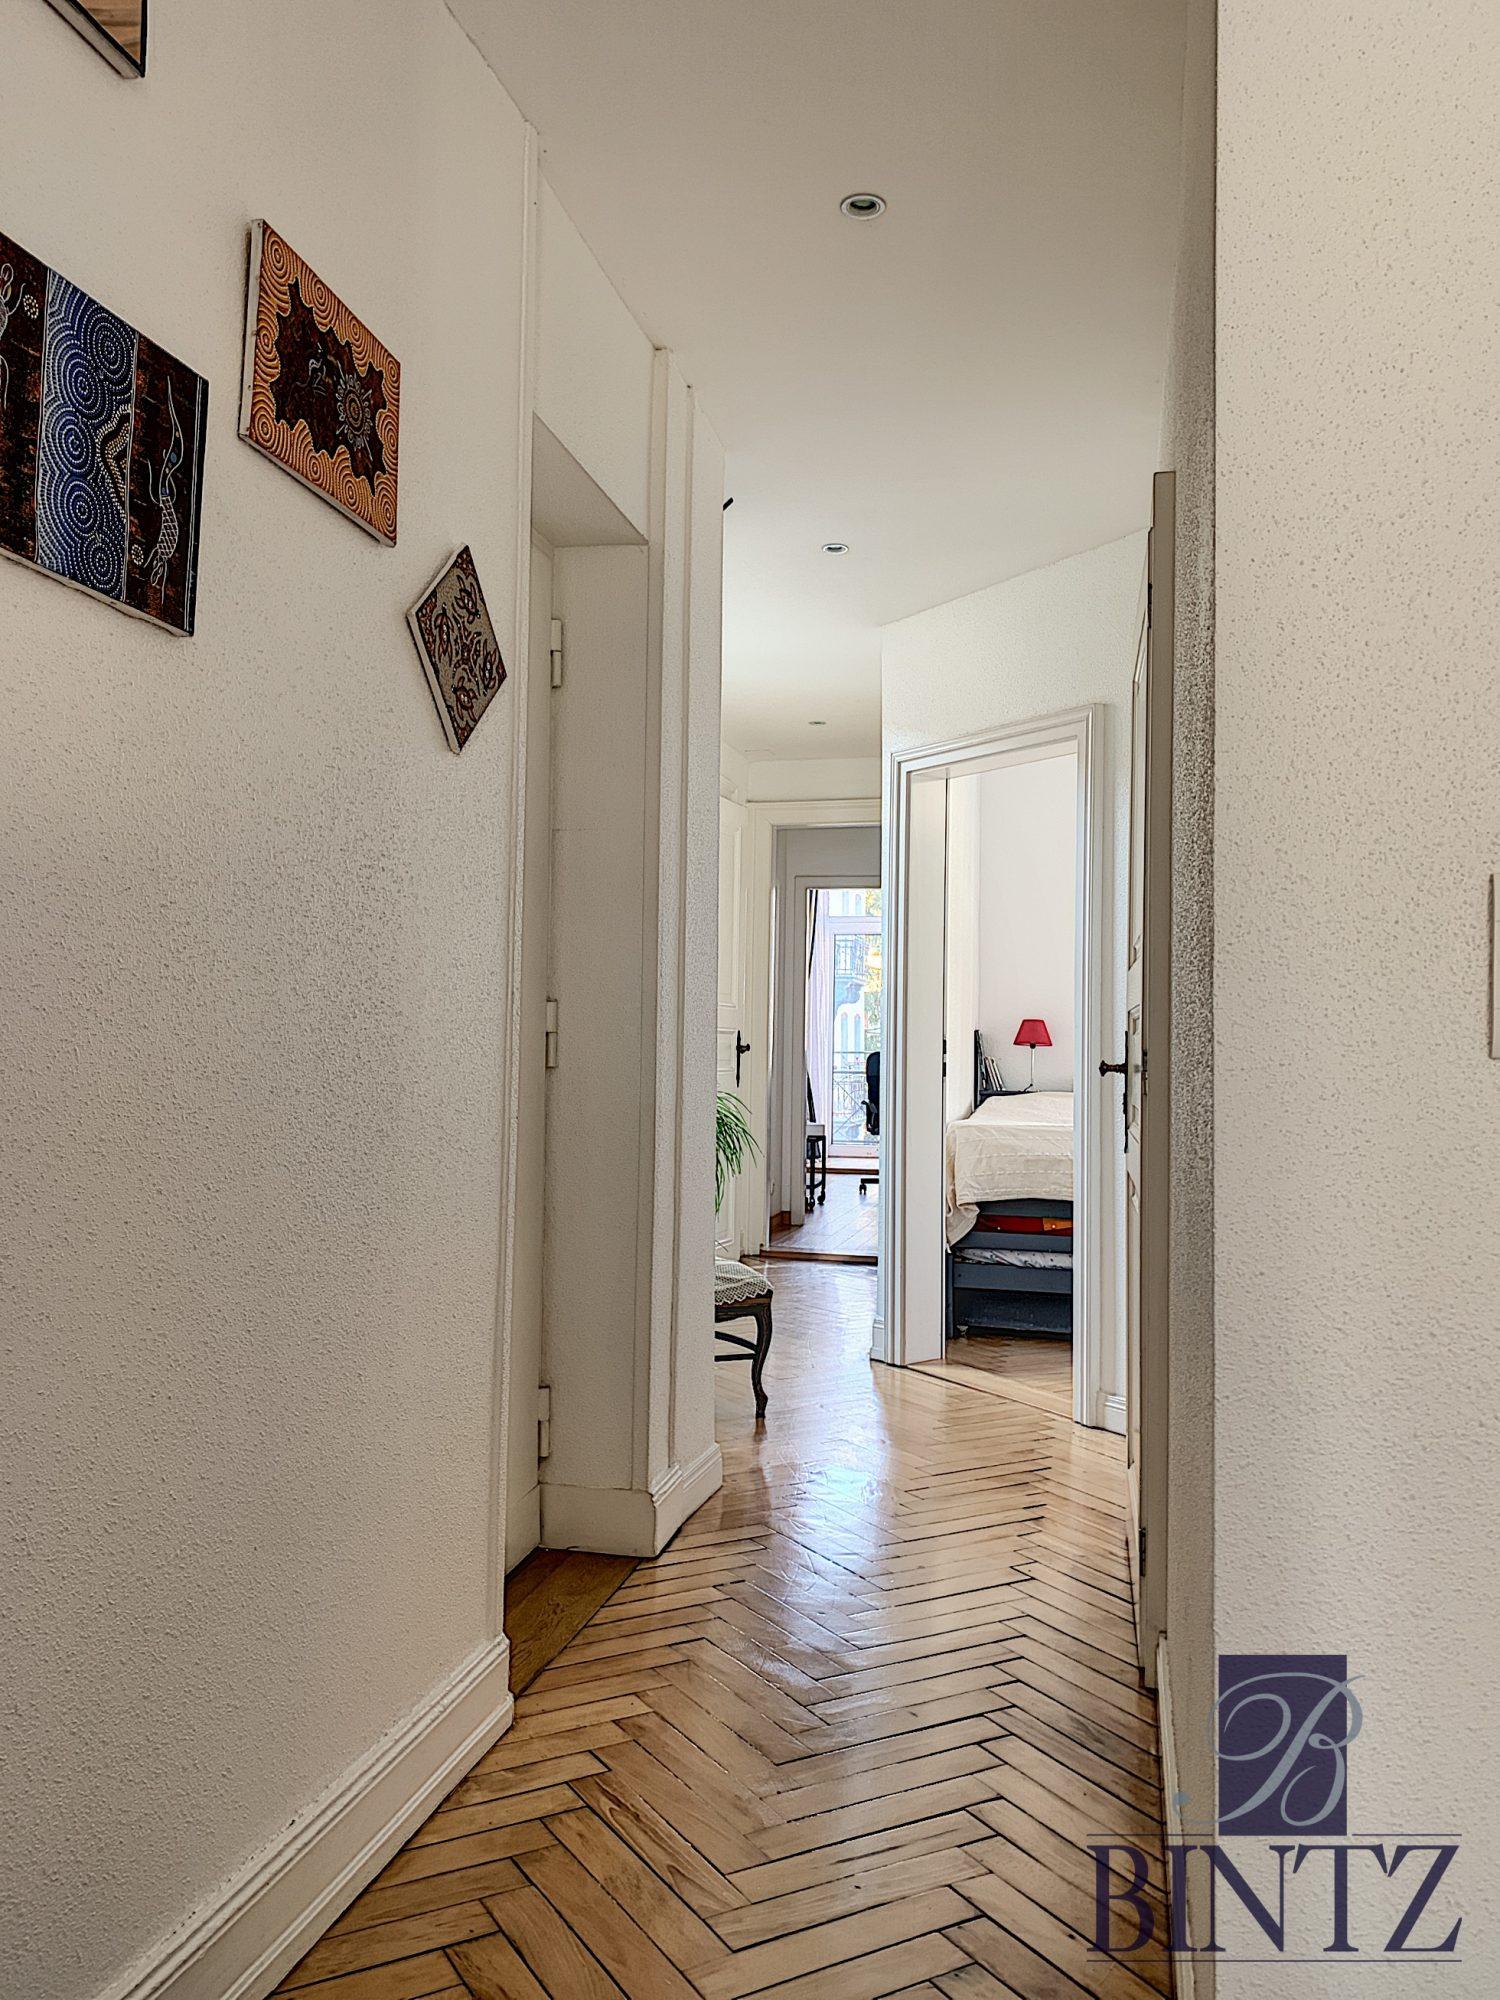 Appartement contemporain quartier forêt noire - Devenez propriétaire en toute confiance - Bintz Immobilier - 8